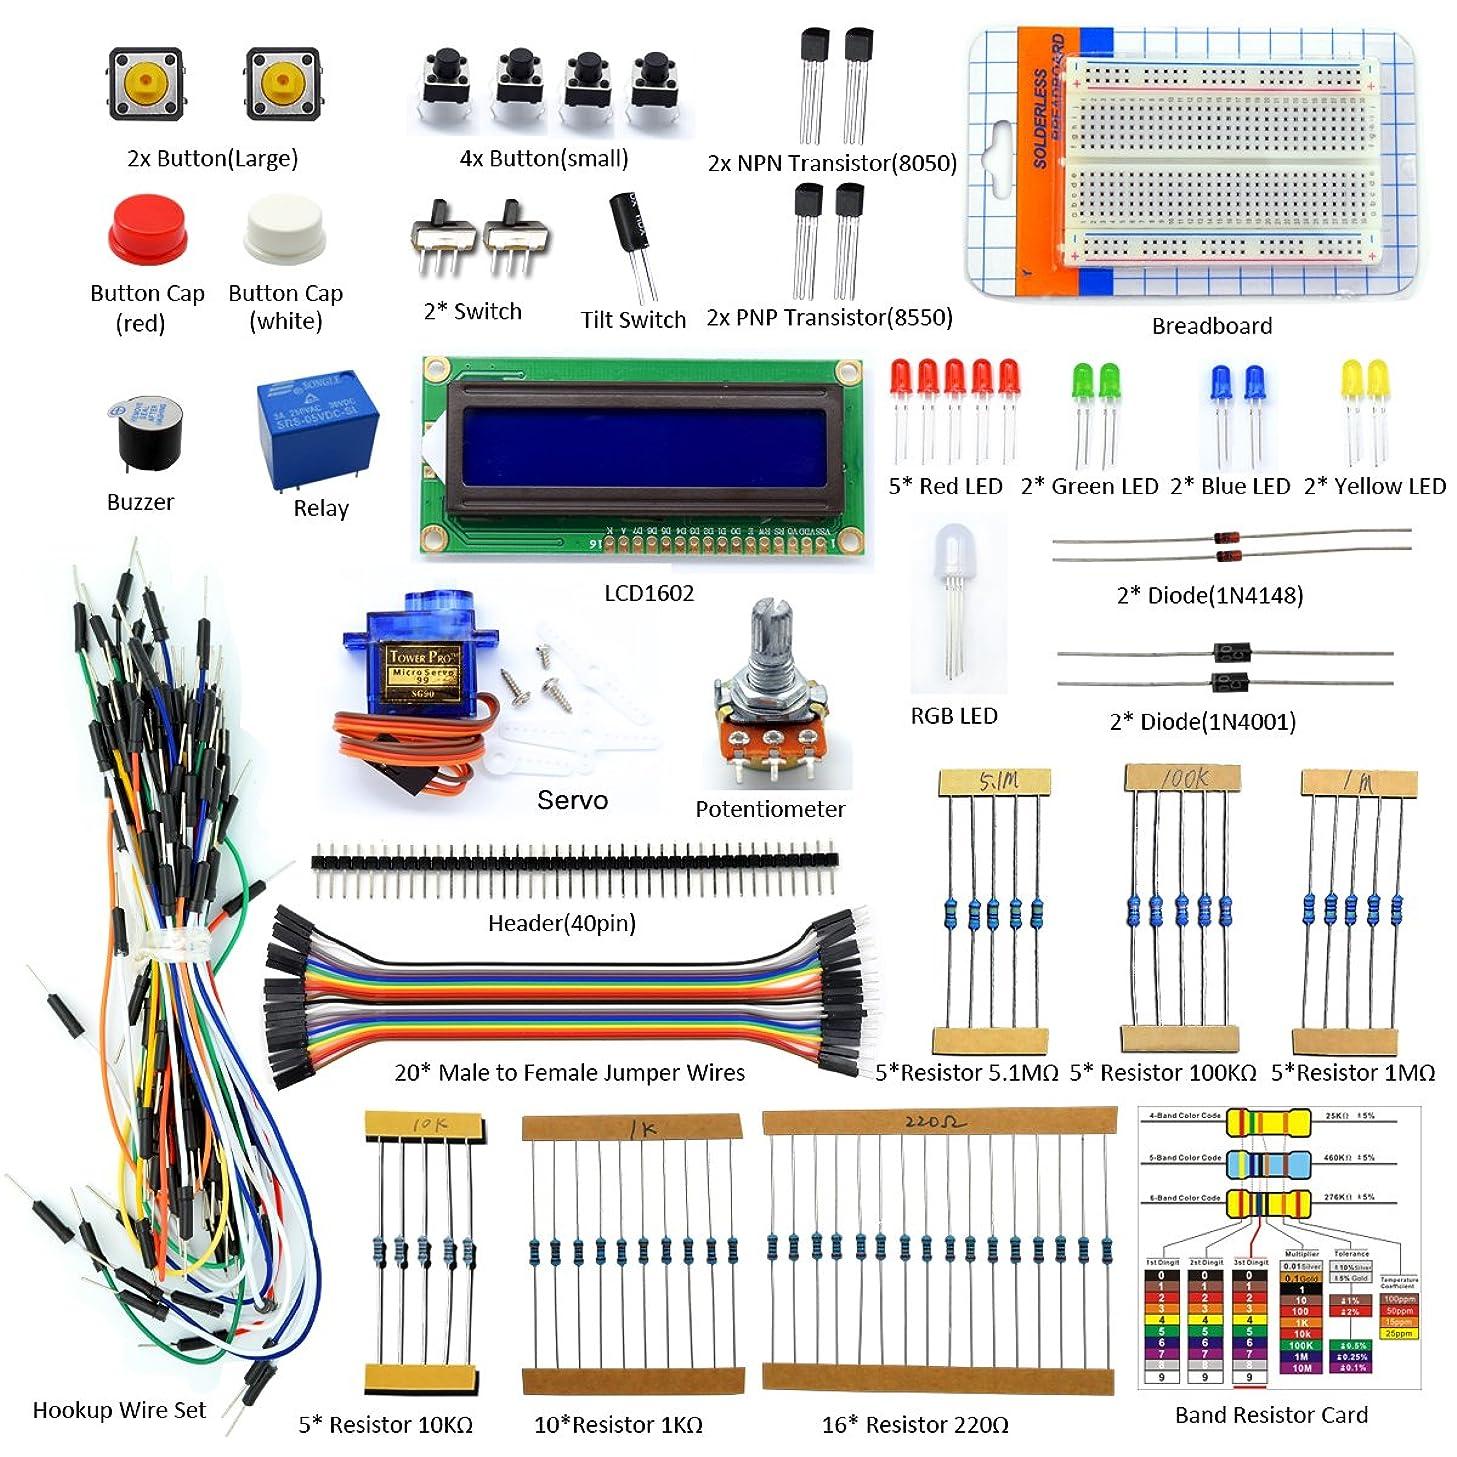 Adeept Project 1602 LCD Starter Kit for Raspberry Pi 3, 2 Model B/B+ Servo Relay LCD1602 Beginner/Starter Kit for Raspberry Pi with PDF Guidebook/User Manual